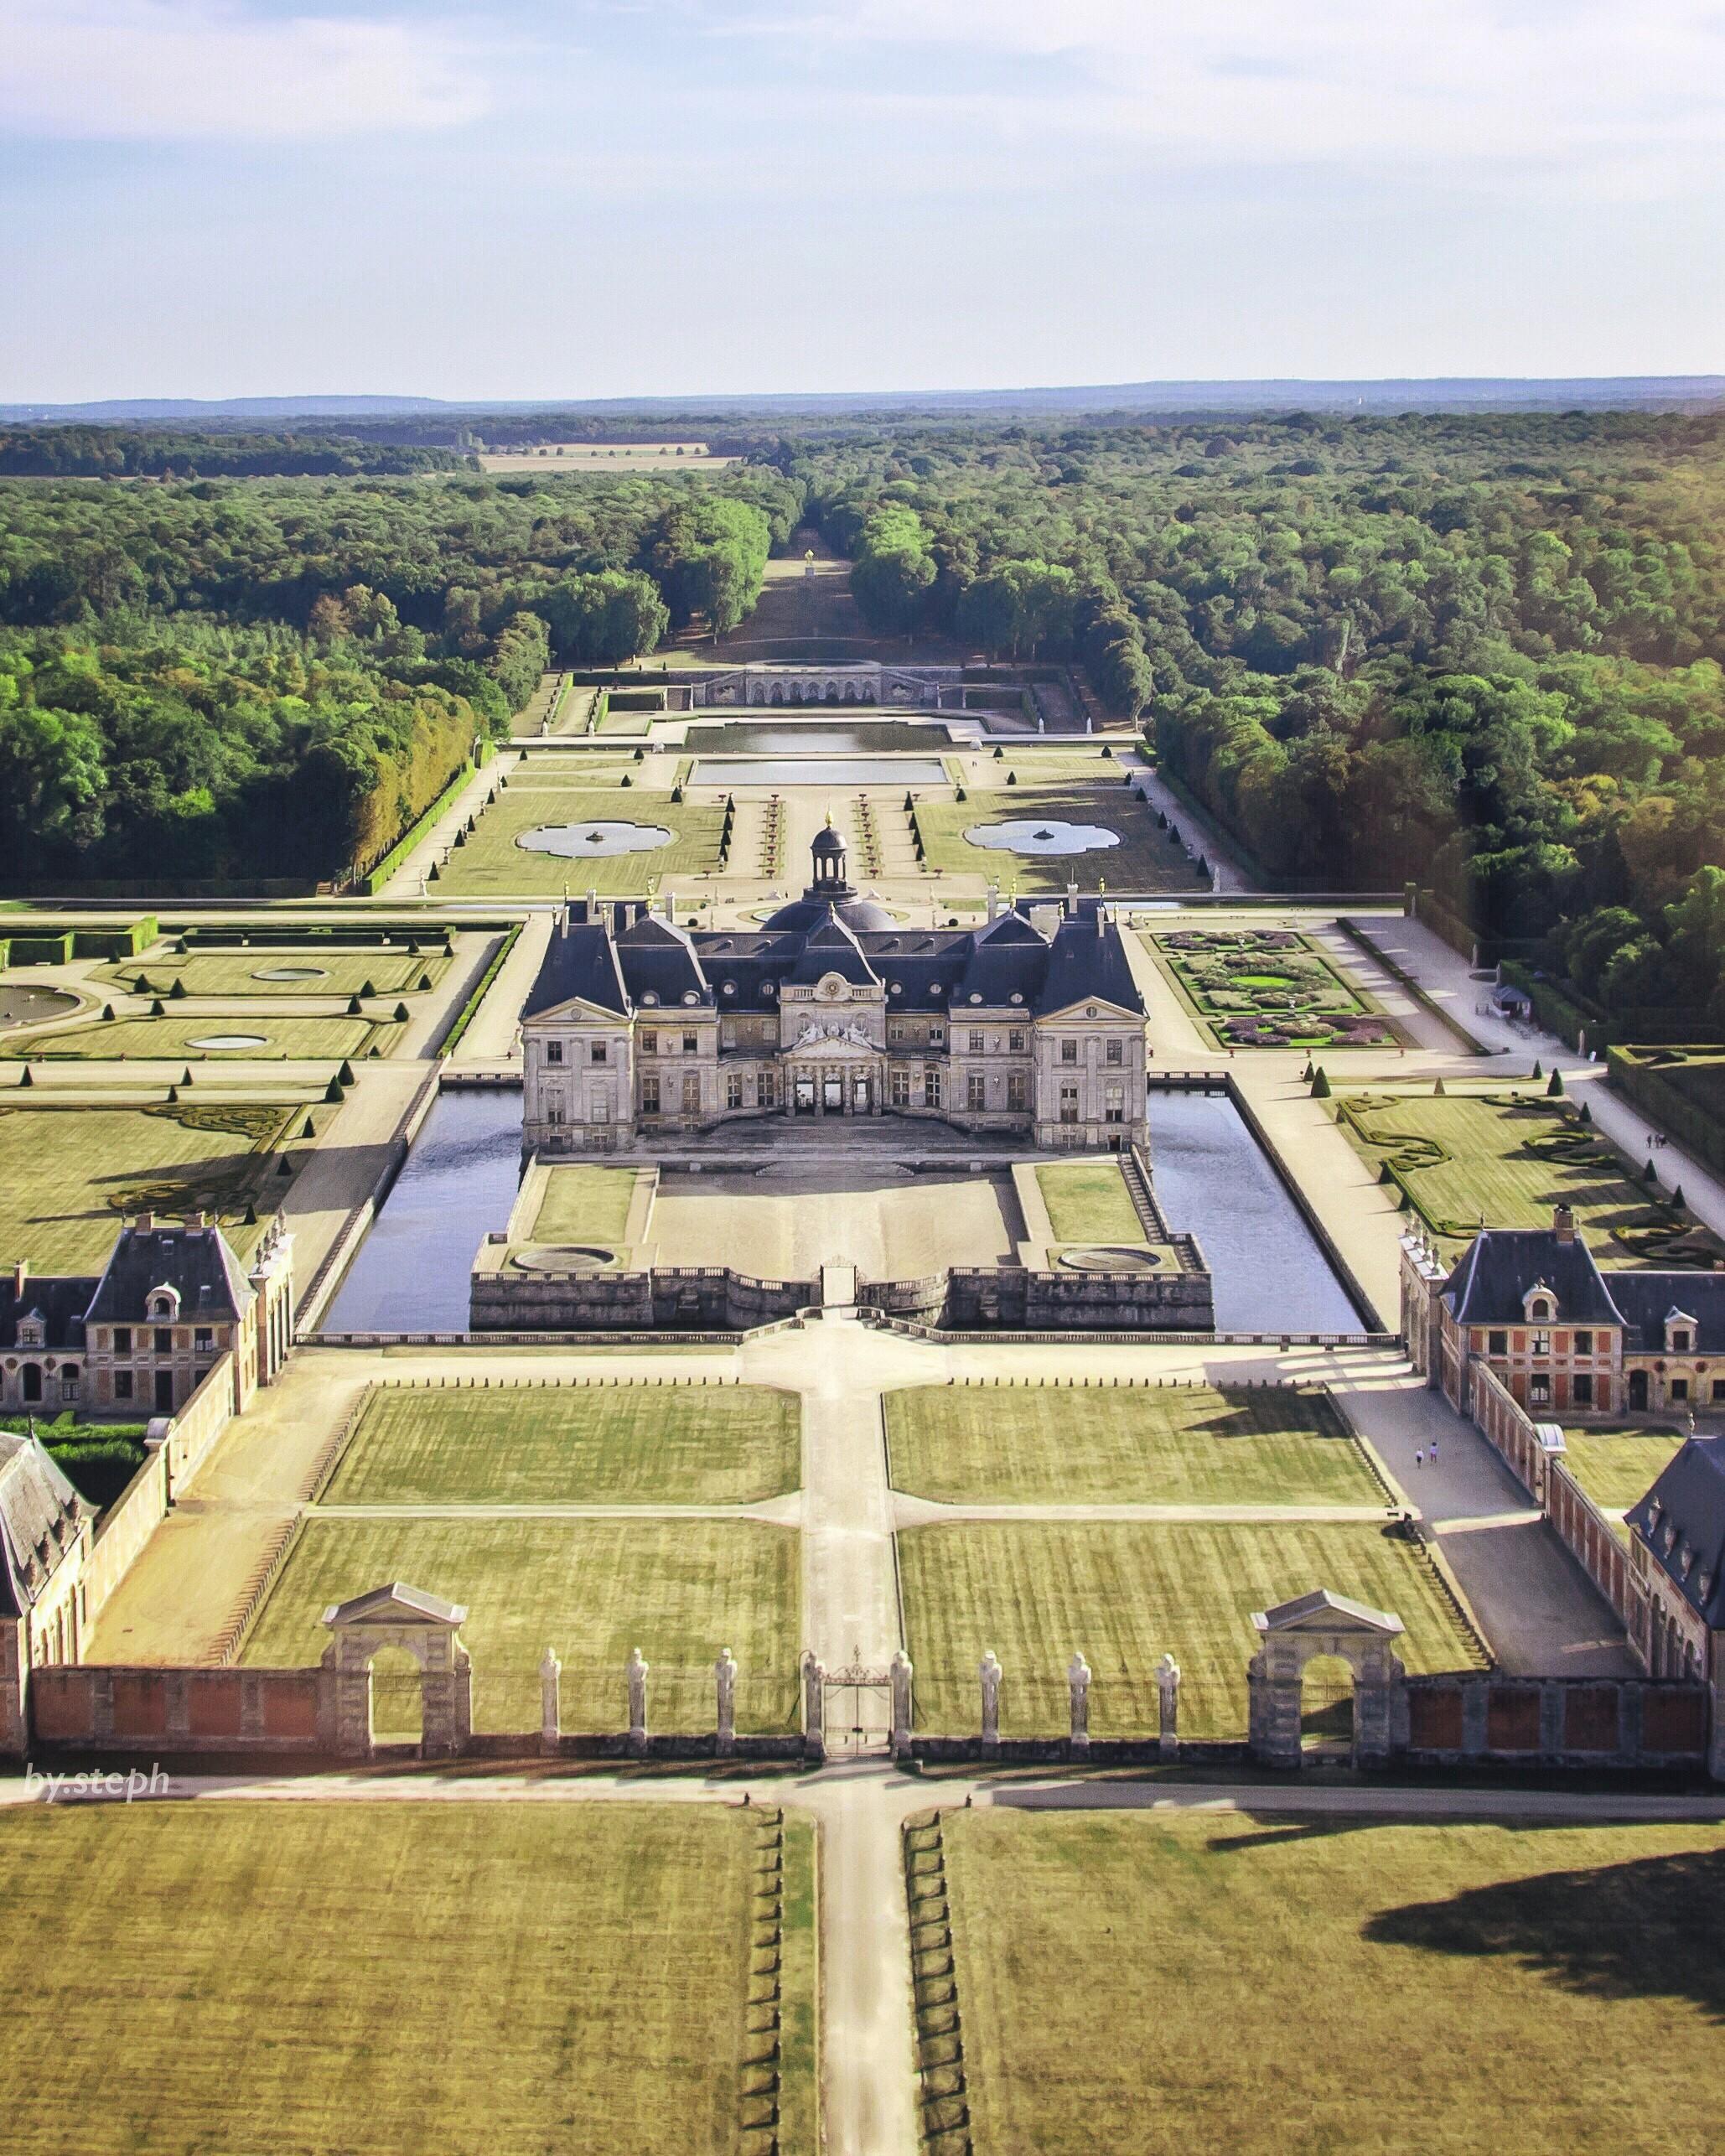 Louis le Vau (architecte), château de Vaux-le-Vicomte